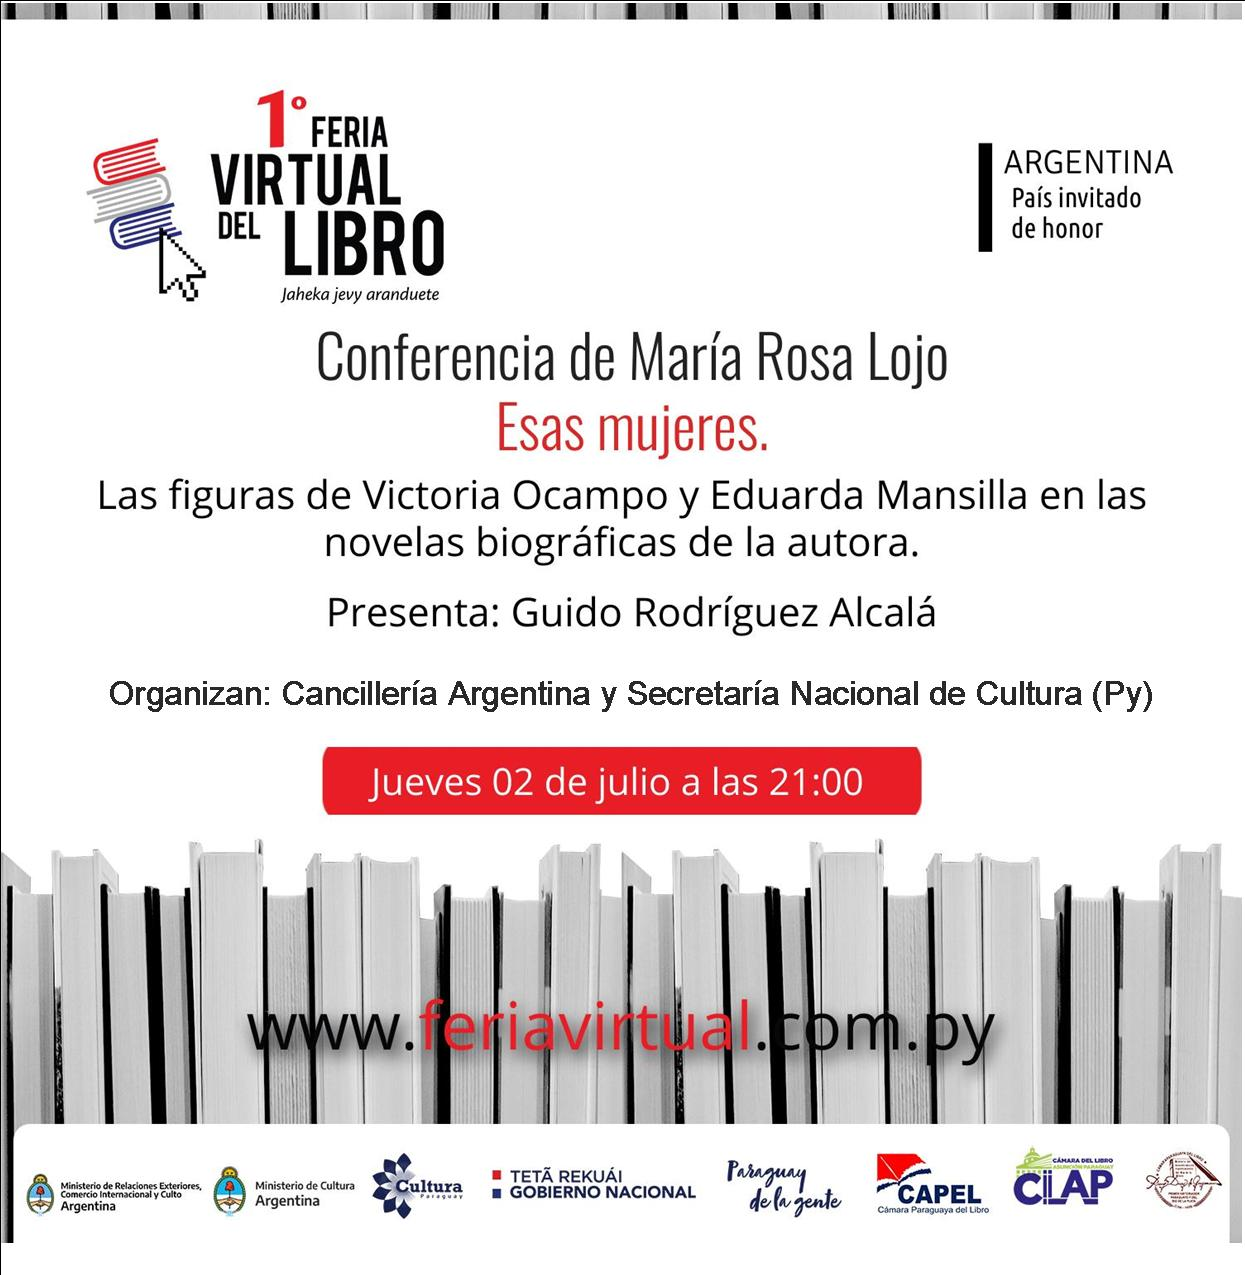 Conferencia de María Rosa Lojo en la Feria Virtual del Libro de Paraguay